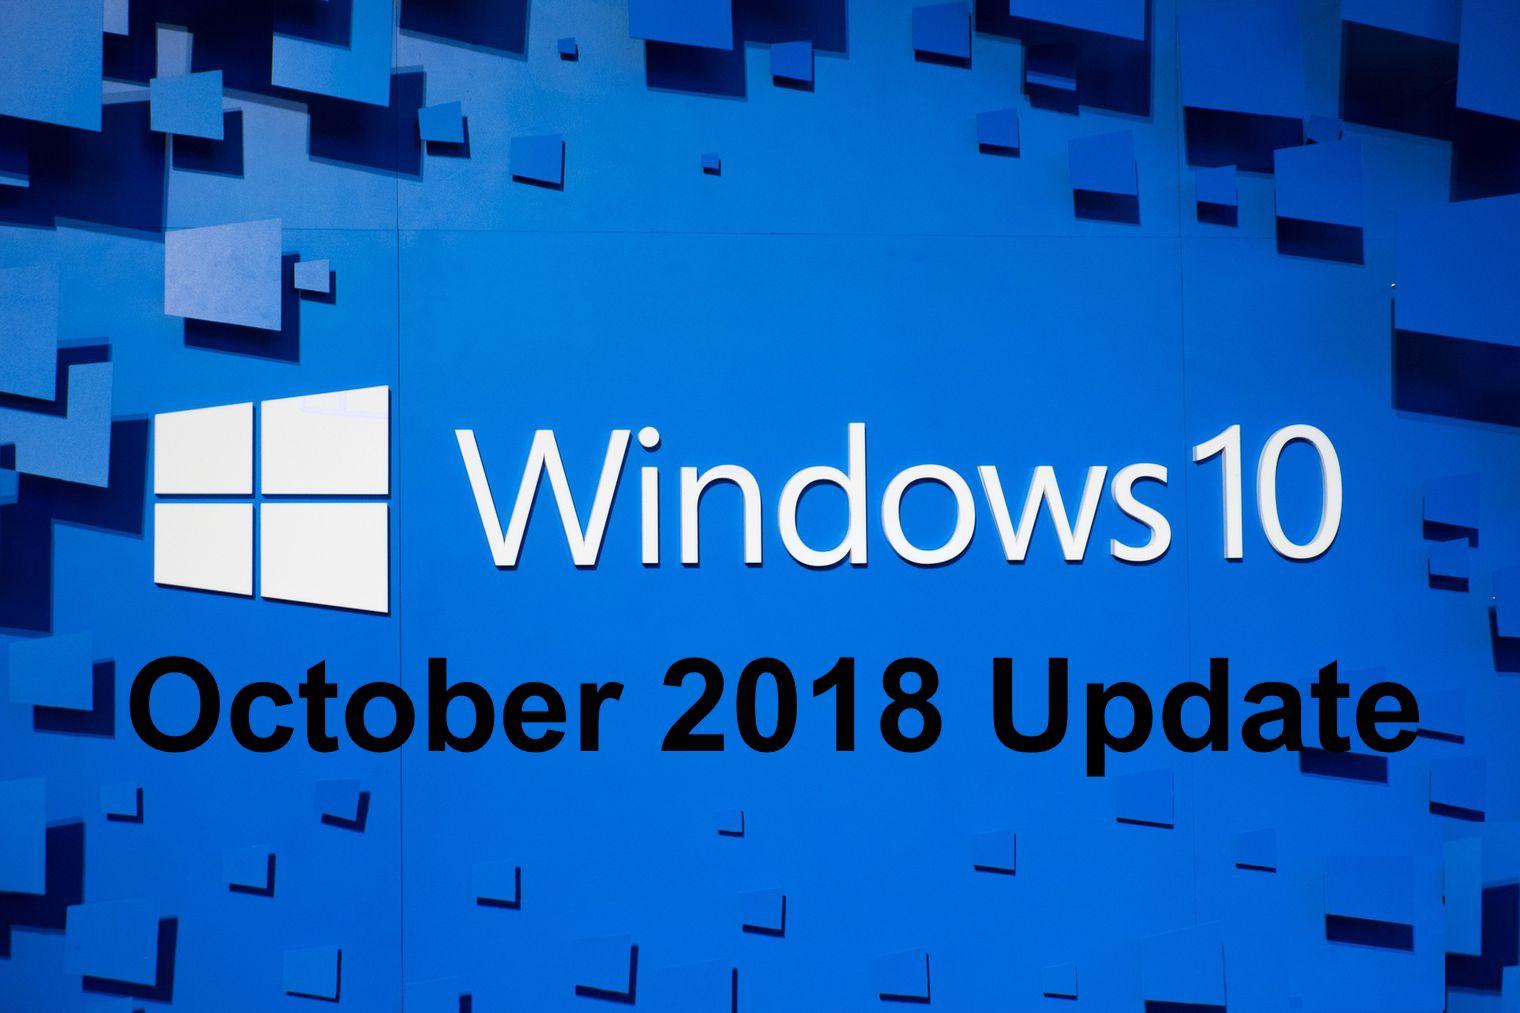 windows-10-october-2018-update.jpg